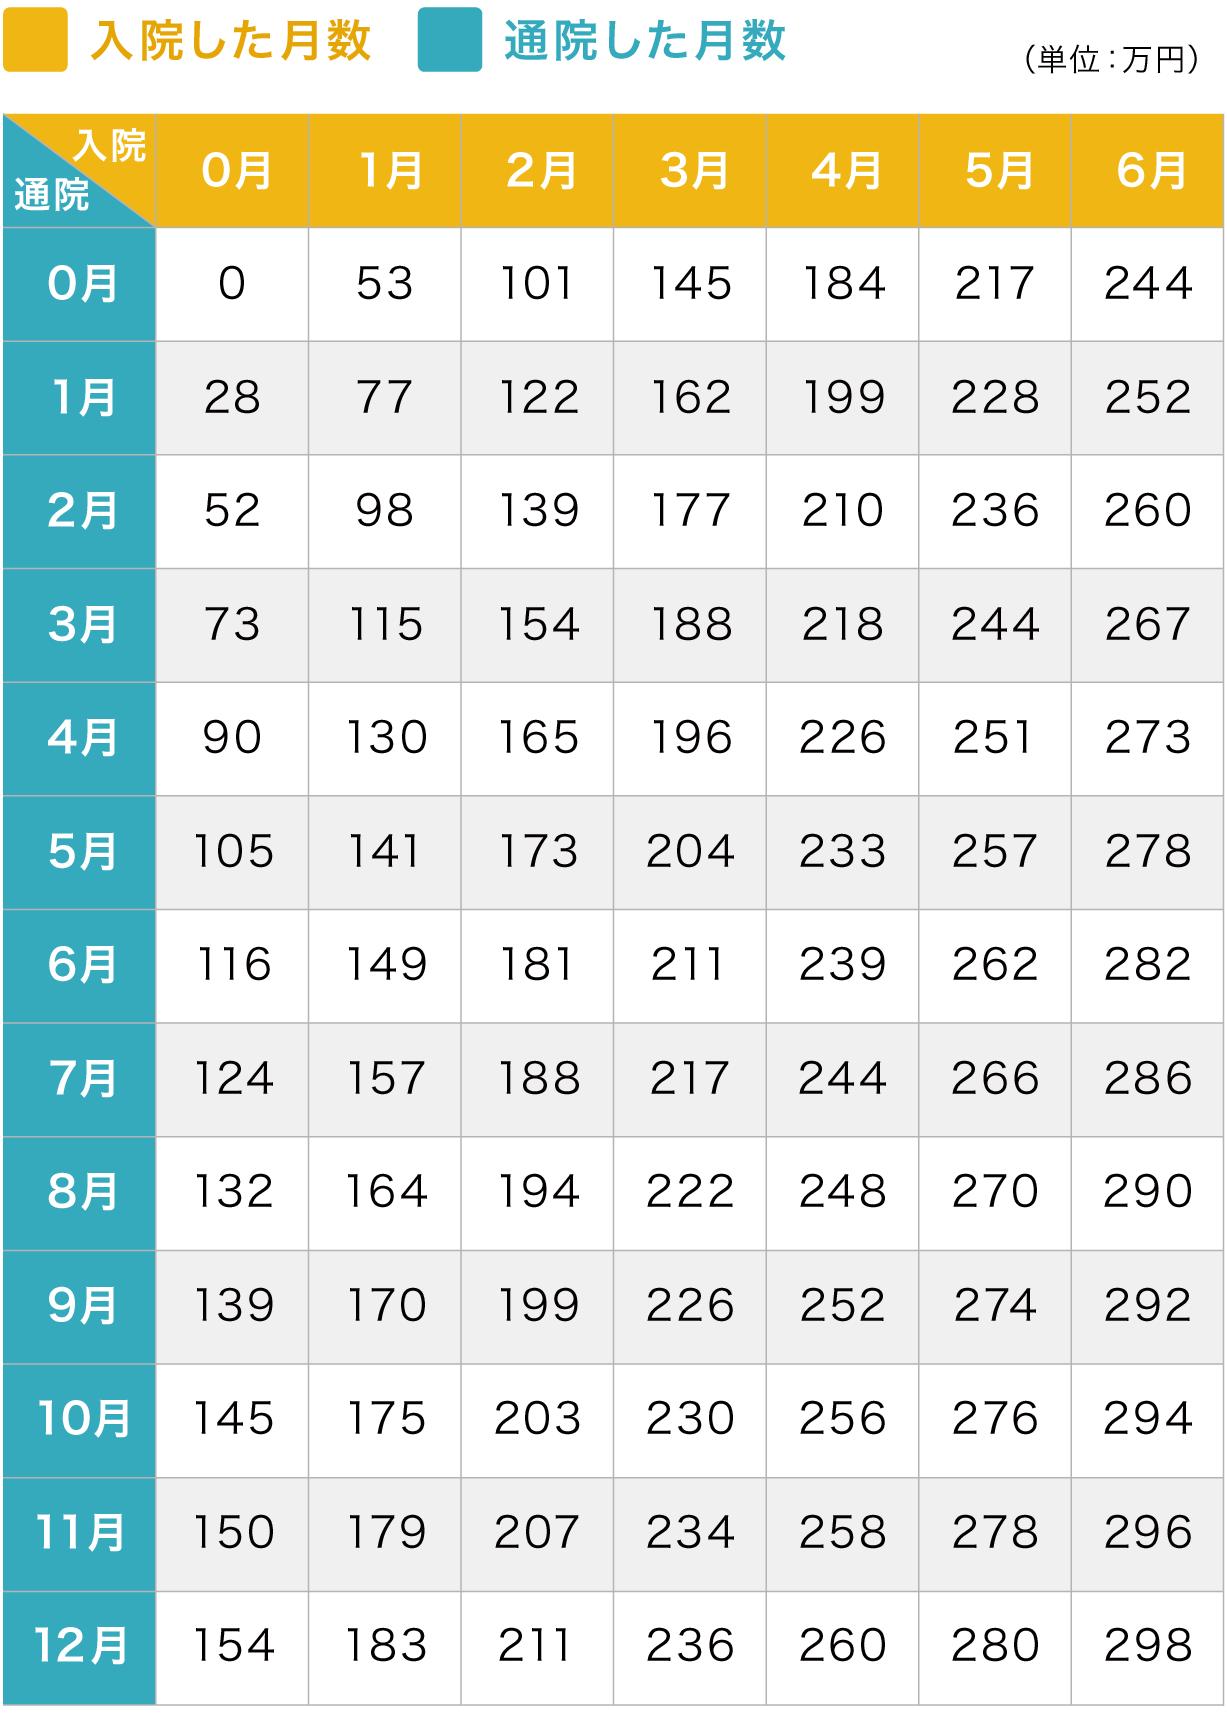 重傷の慰謝料算定表